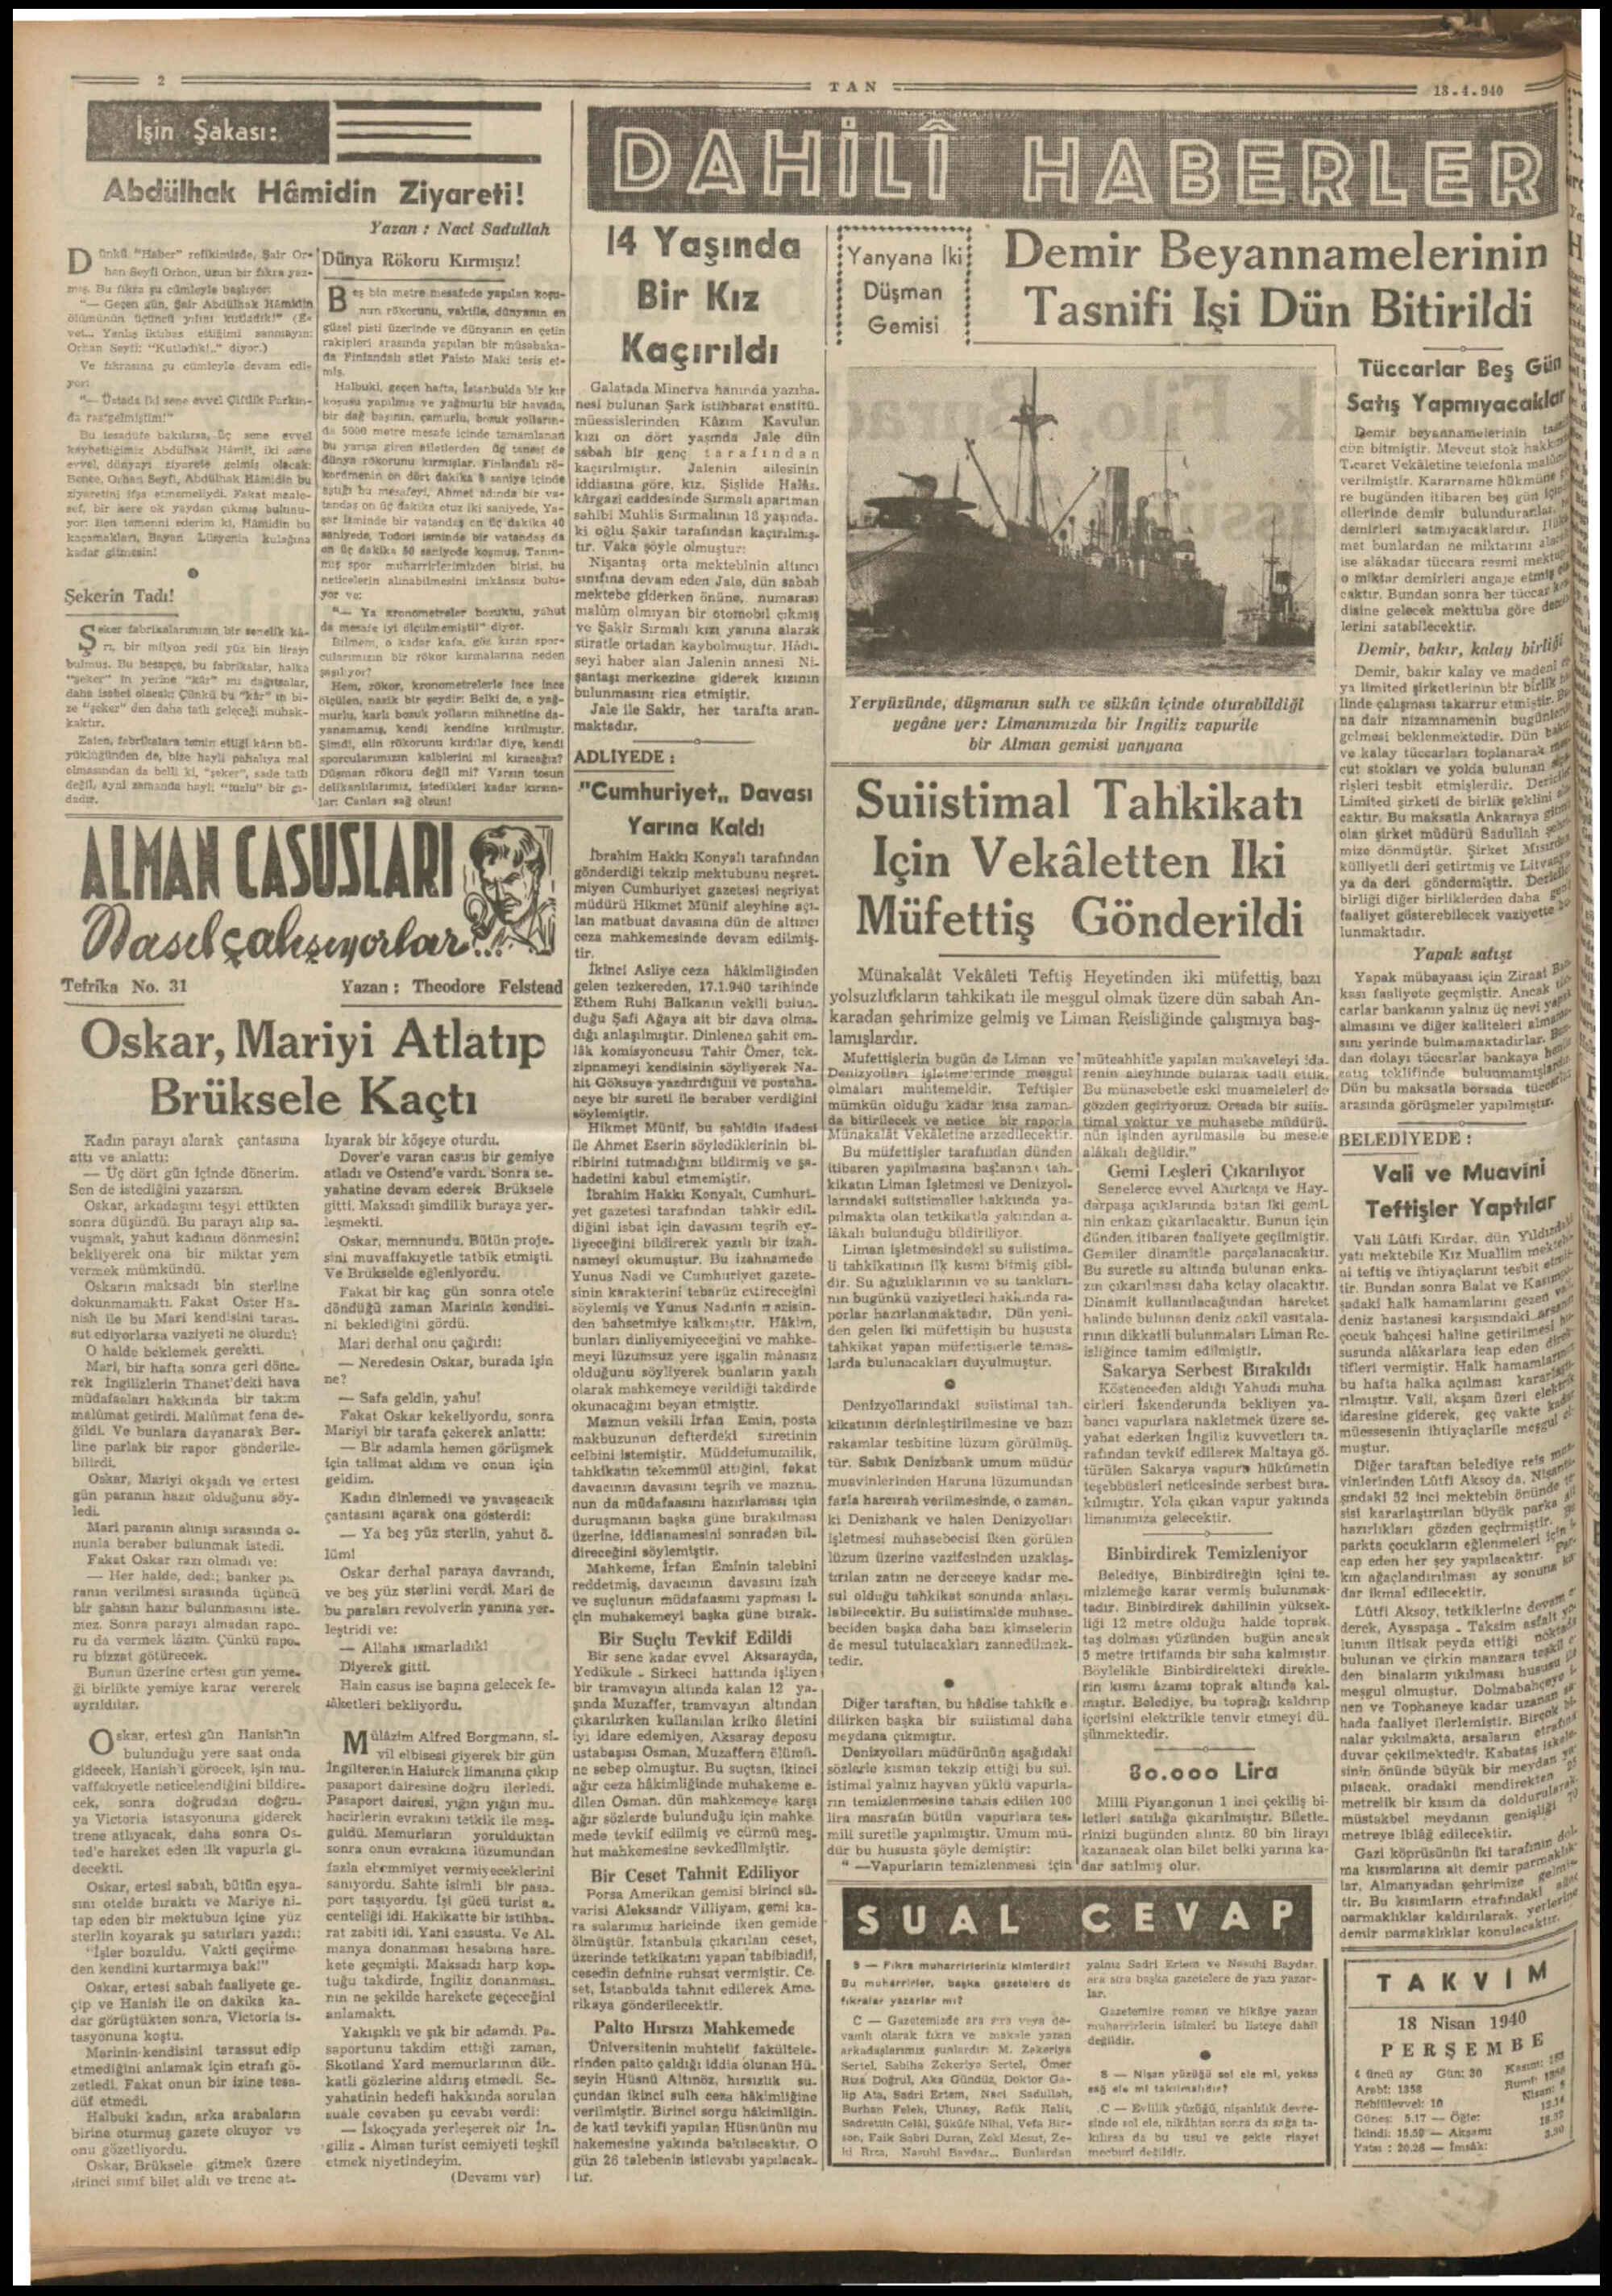 18 Nisan 1940 Tarihli Tan Gazetesi Sayfa 2